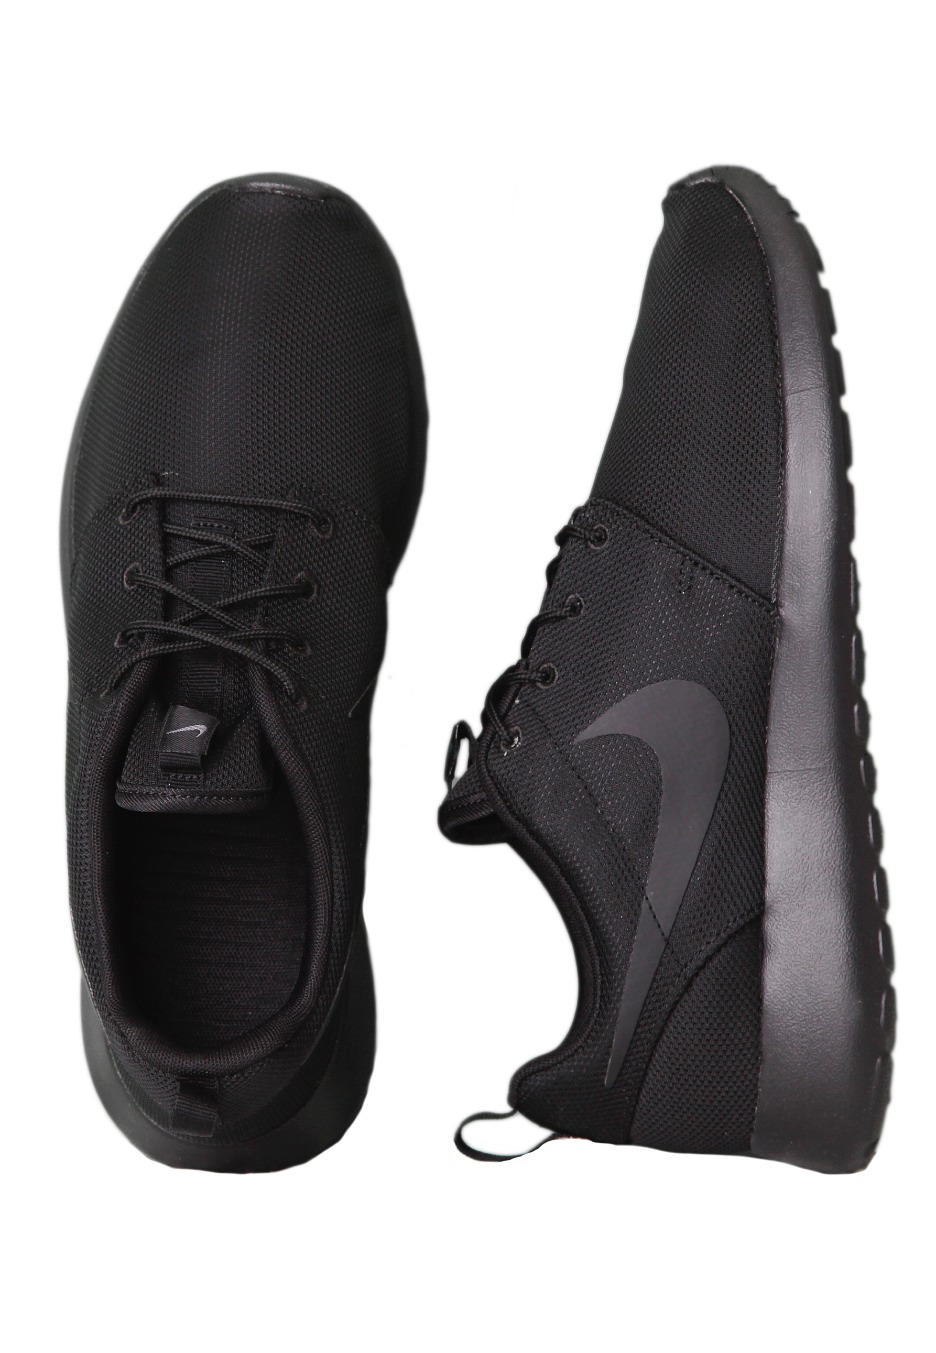 best website 0d787 8c553 Nike - Roshe Run Black/Black - Shoes